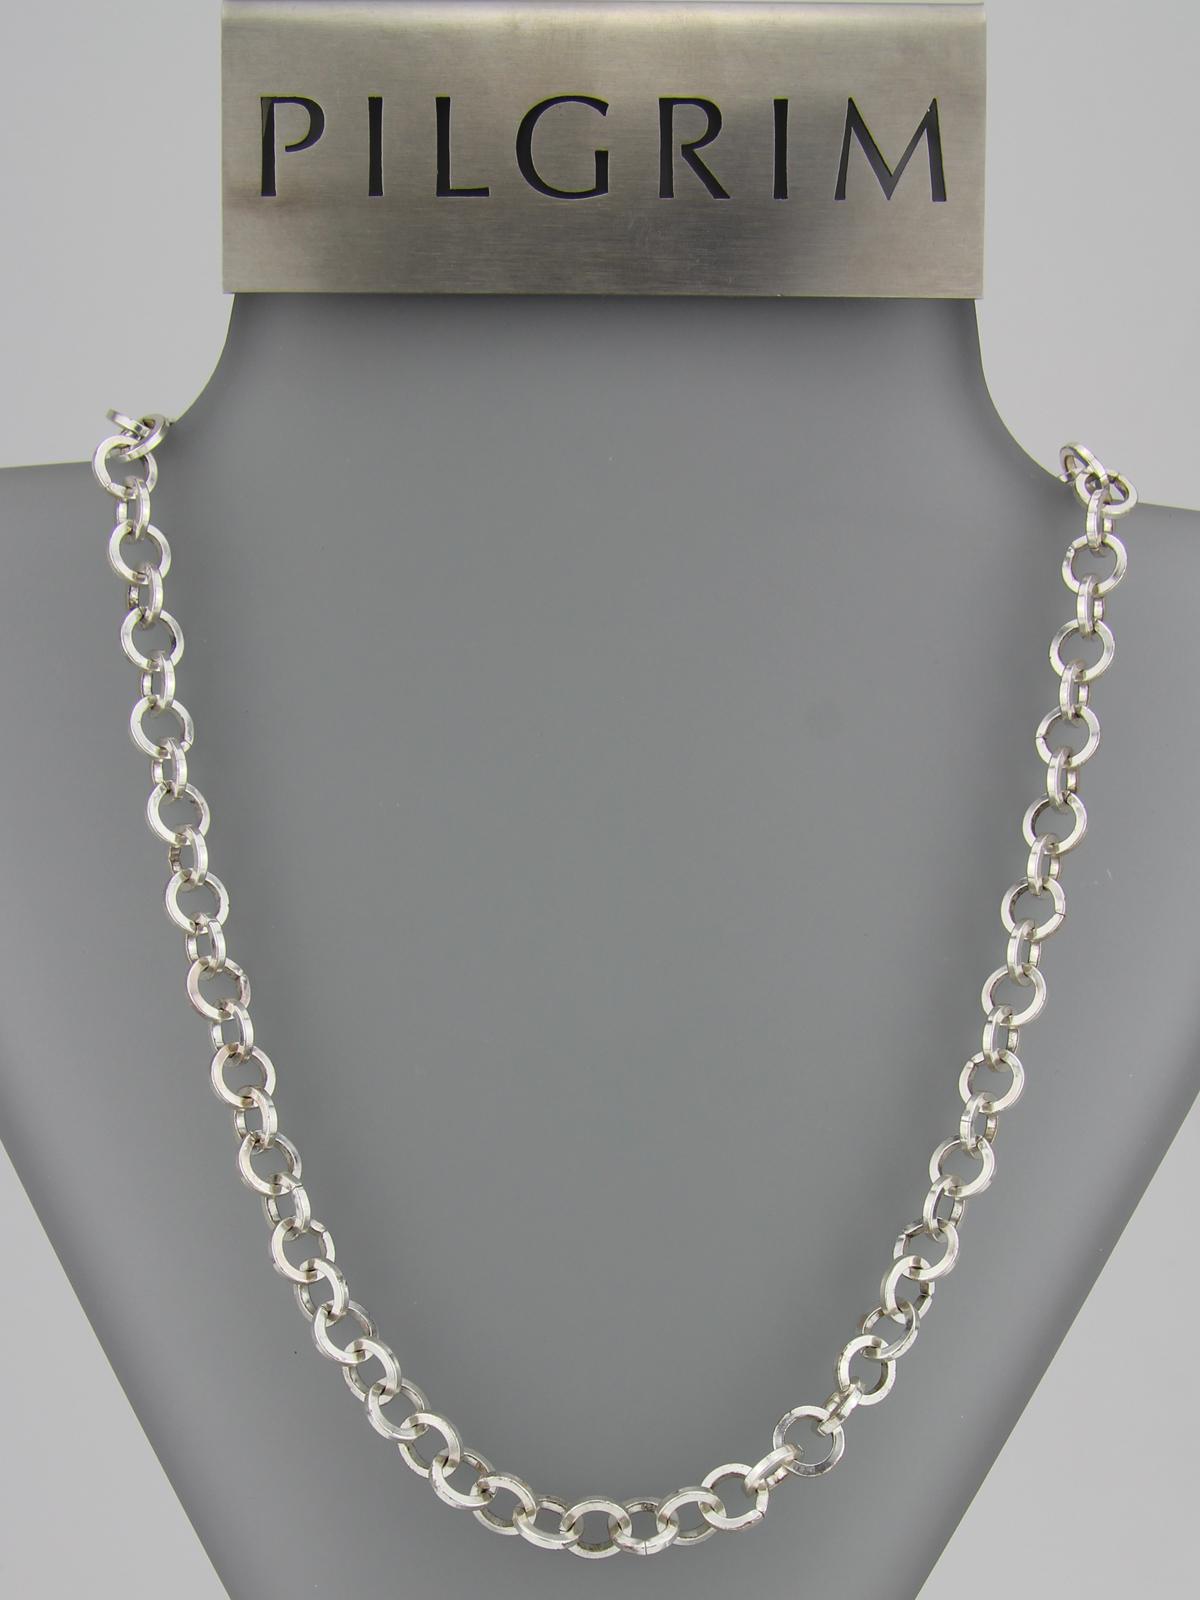 Pilgrim Kette große Elemente silber- lange Bettelkette - platinoptik Pilgrim  444788 0e3534571a